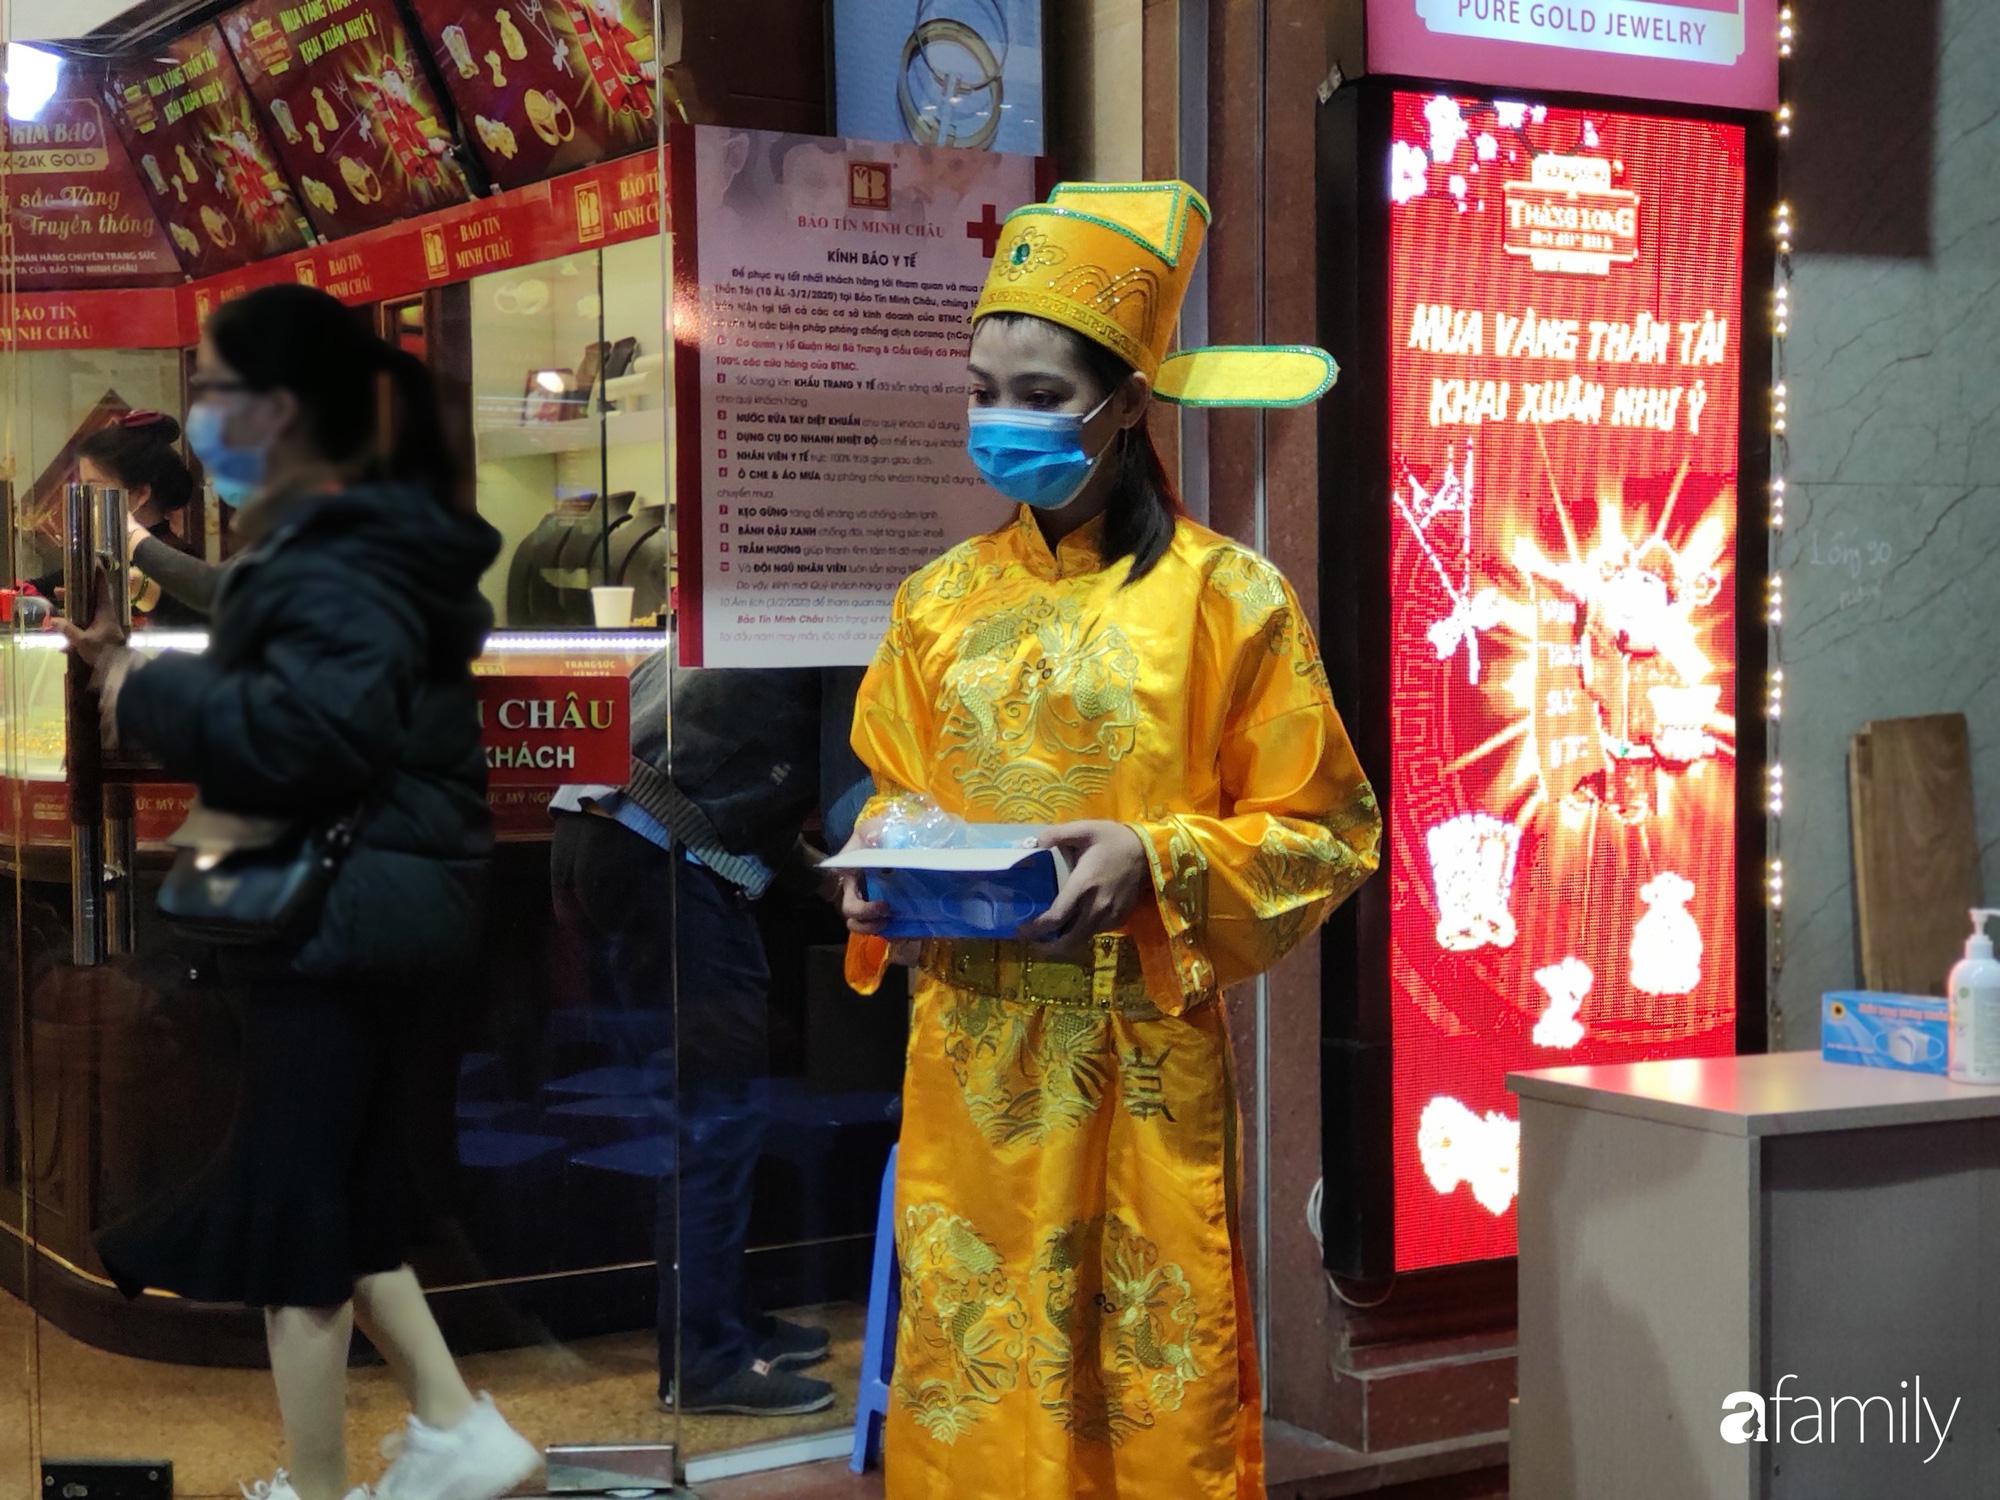 Ngày Vía Thần Tài: Người dân Hà Nội bịt khẩu trang xếp hàng mua vàng từ sáng sớm tinh mơ nhưng không đông đúc, chen lấn xô đẩy như mọi năm - Ảnh 12.